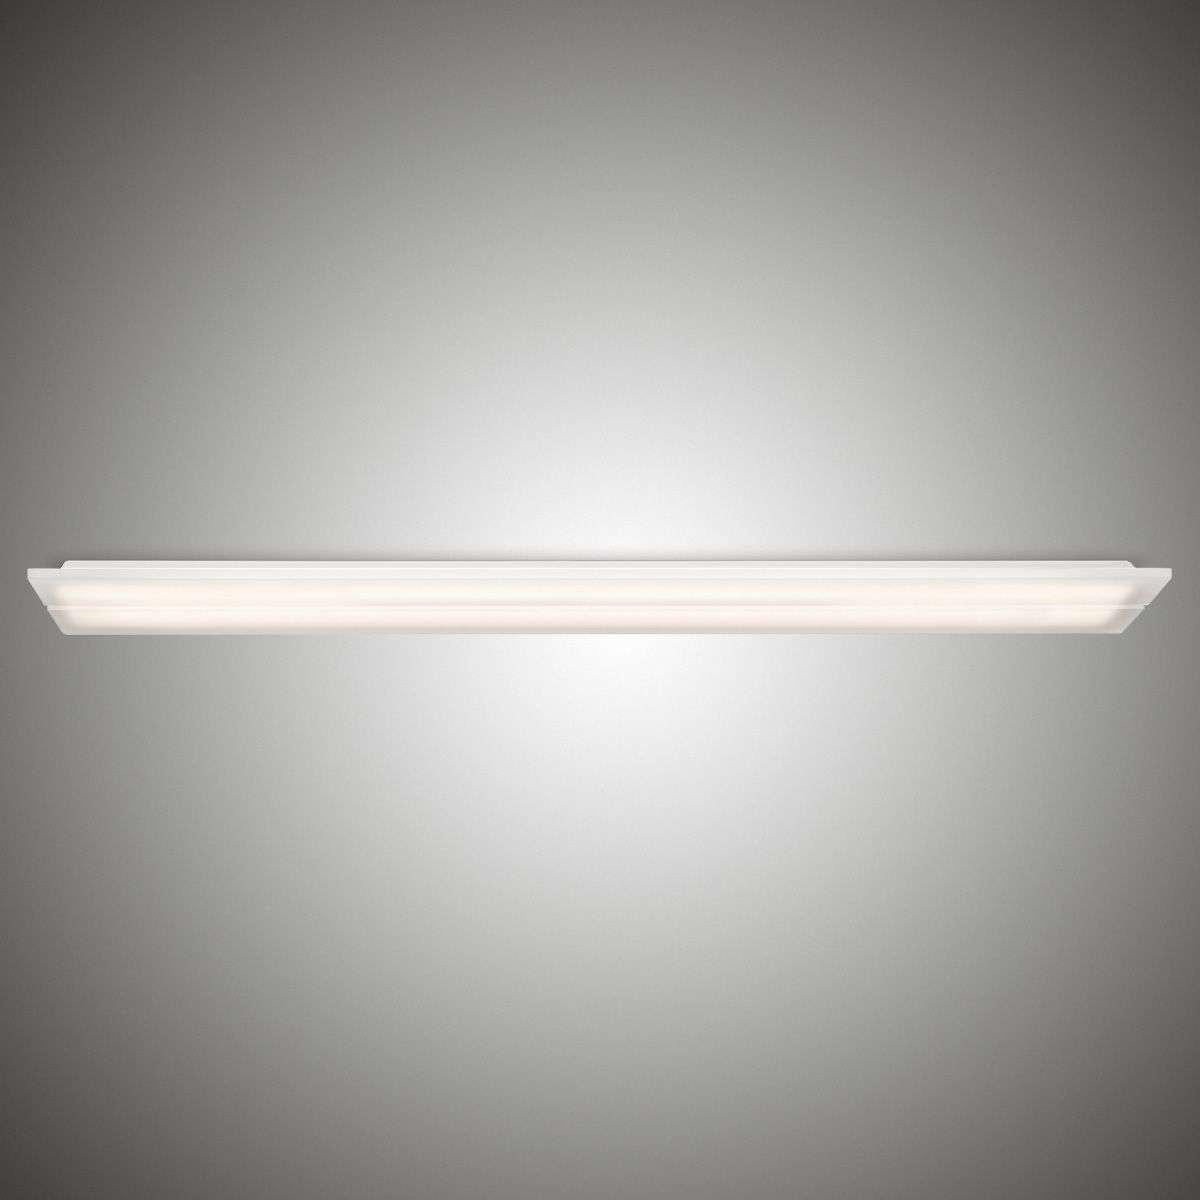 Long led ceiling light kite 128 cm lights long led ceiling light kite 128 cm 3039199 31 aloadofball Choice Image